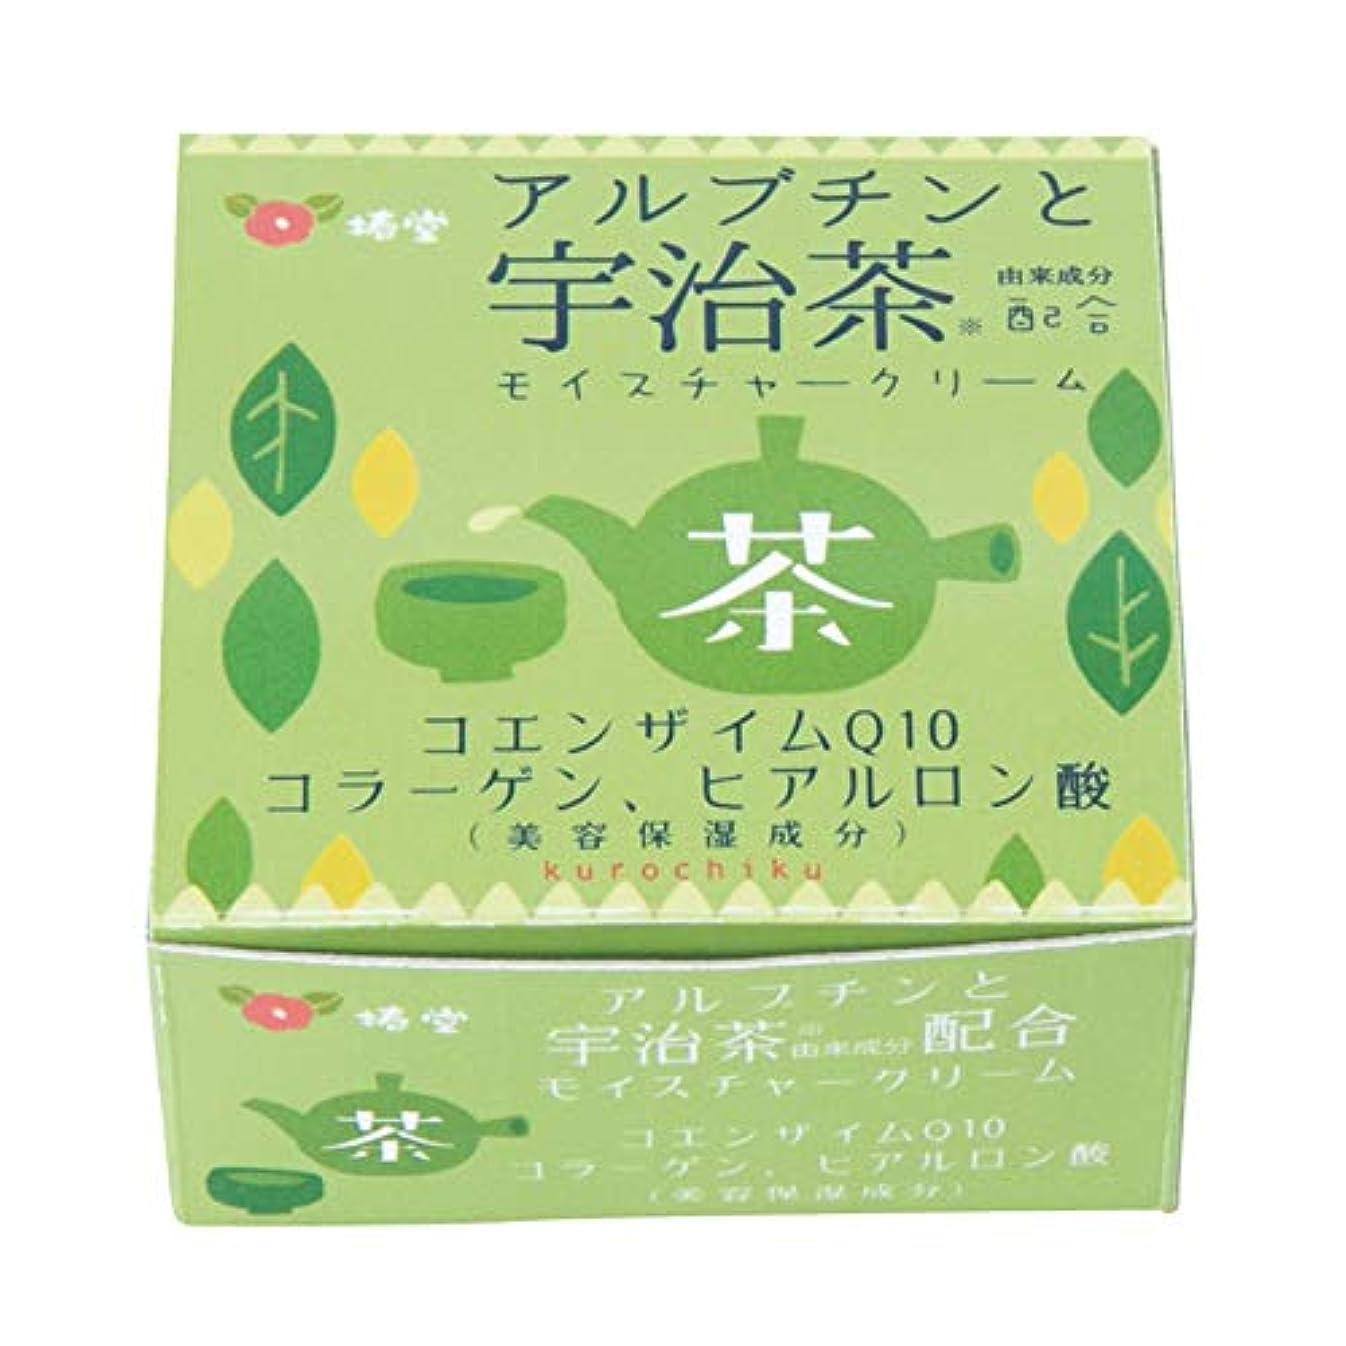 闇酸っぱい乳剤椿堂 宇治茶モイスチャークリーム (アルブチンと宇治茶) 京都くろちく